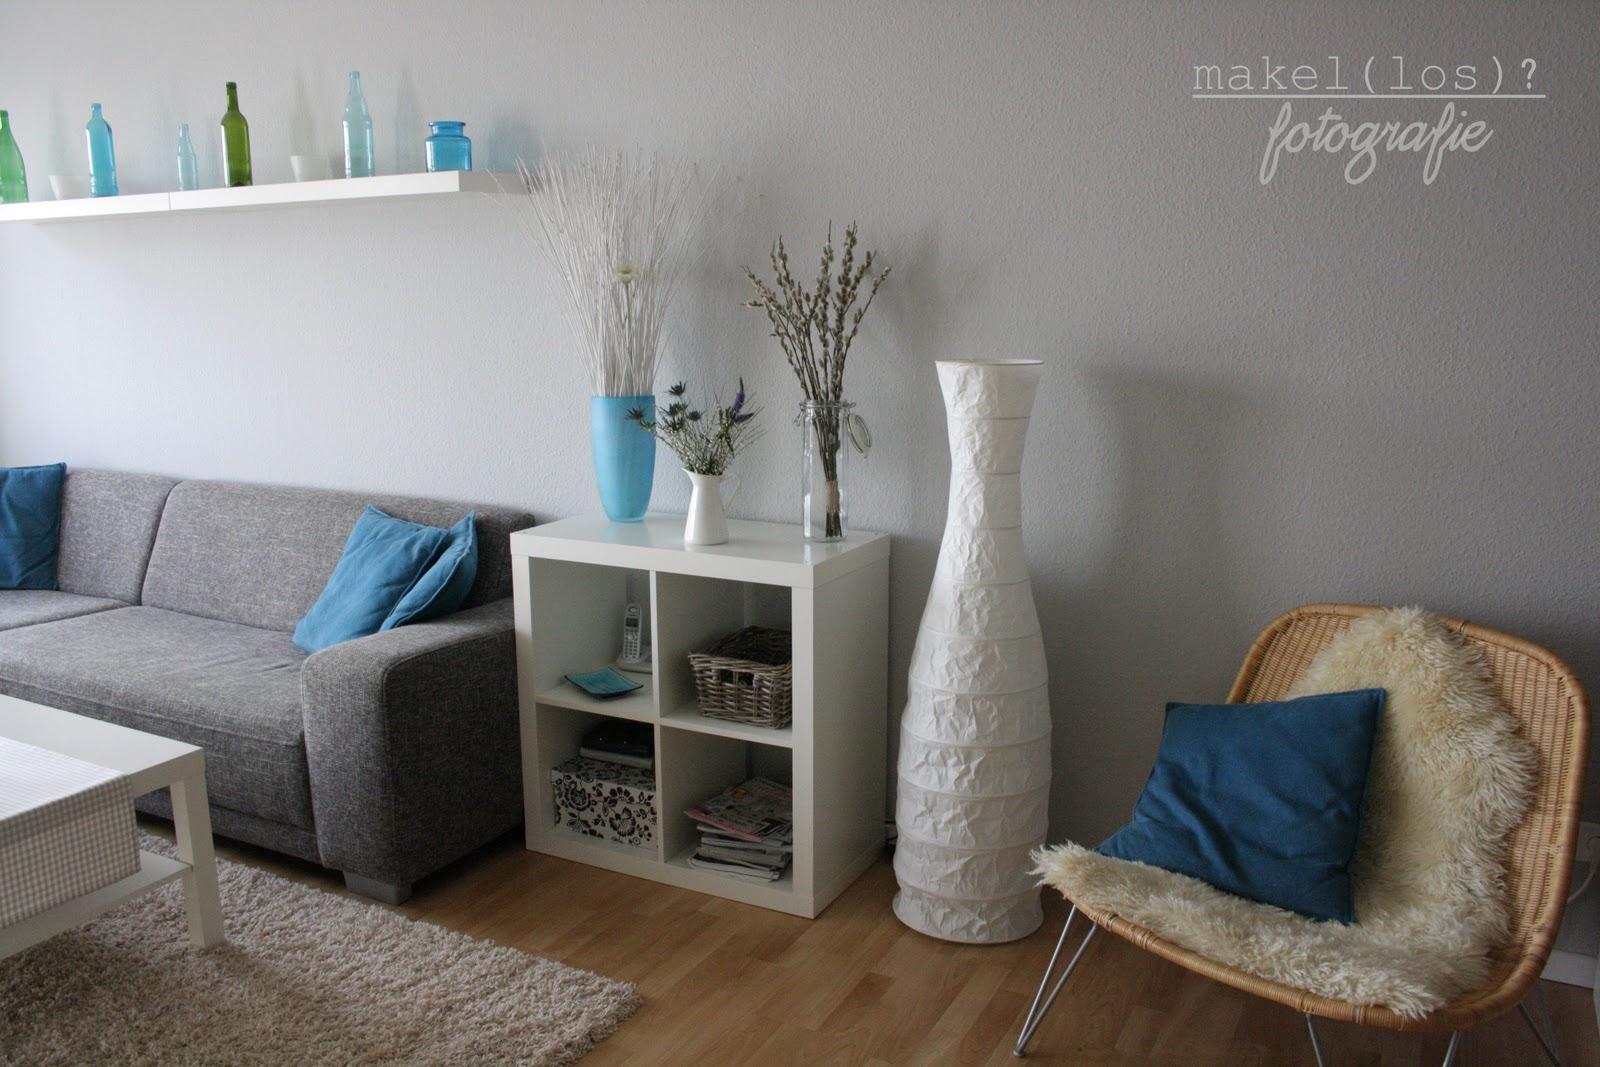 wohnzimmer gestalten grau weiss blau. Black Bedroom Furniture Sets. Home Design Ideas